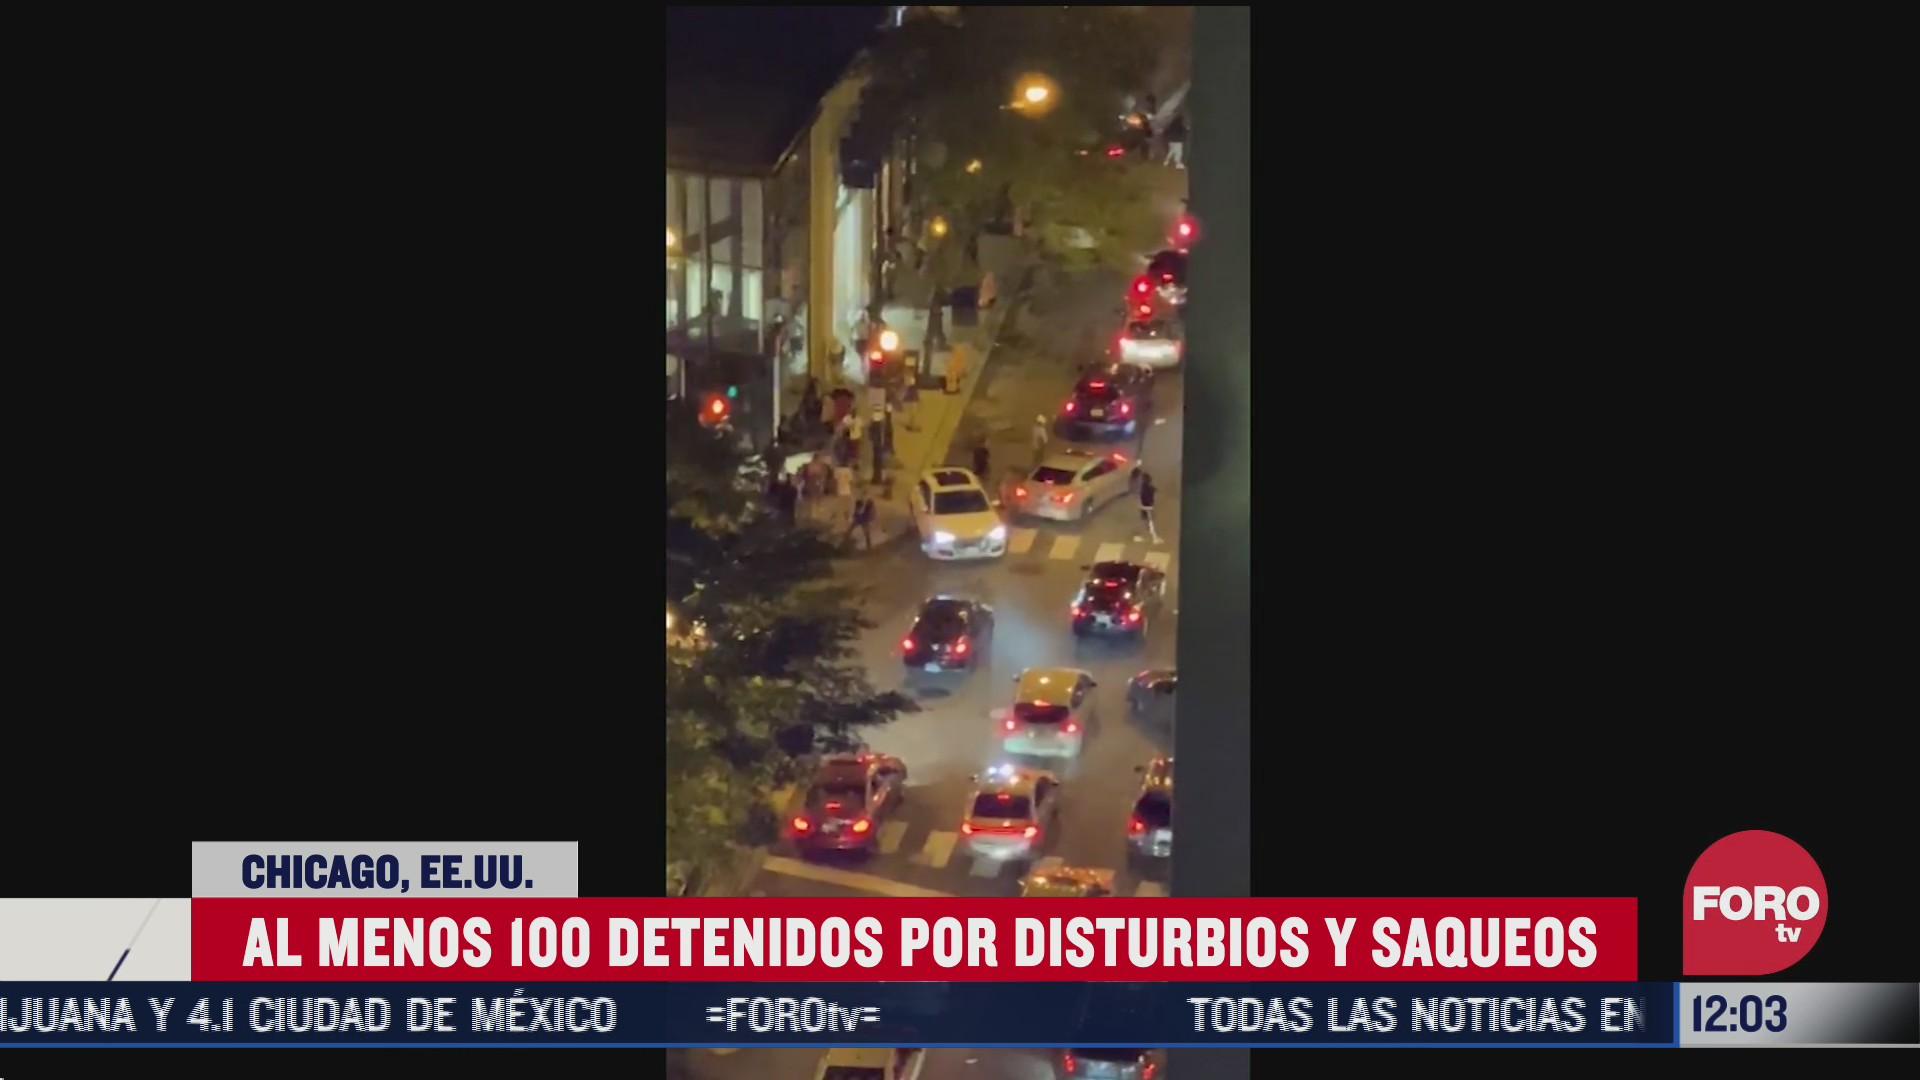 detienen a 100 por disturbios y saqueos en chicago eeuu